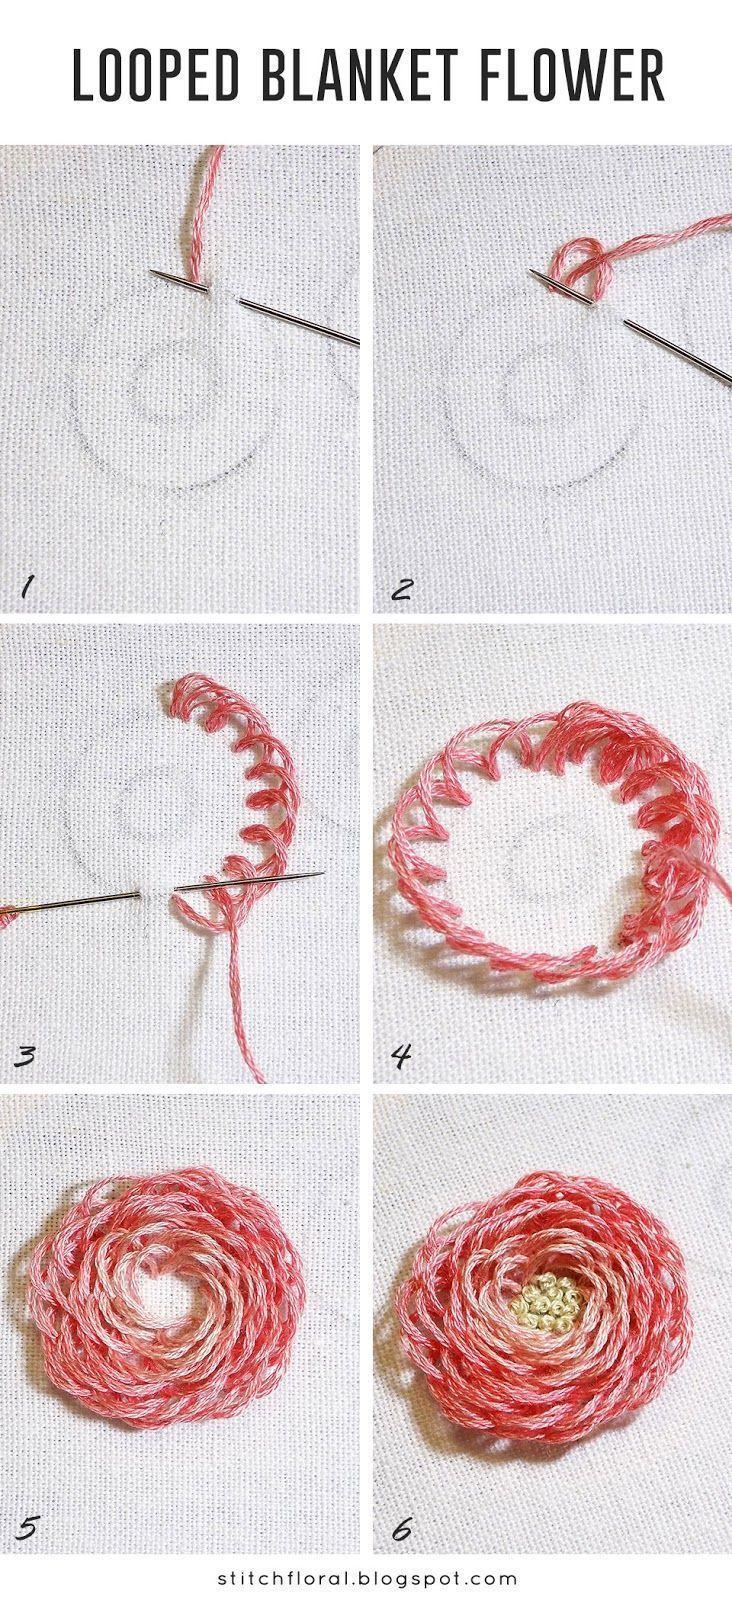 Looped blanket flower tutorial - Looped blanket flower tutorial